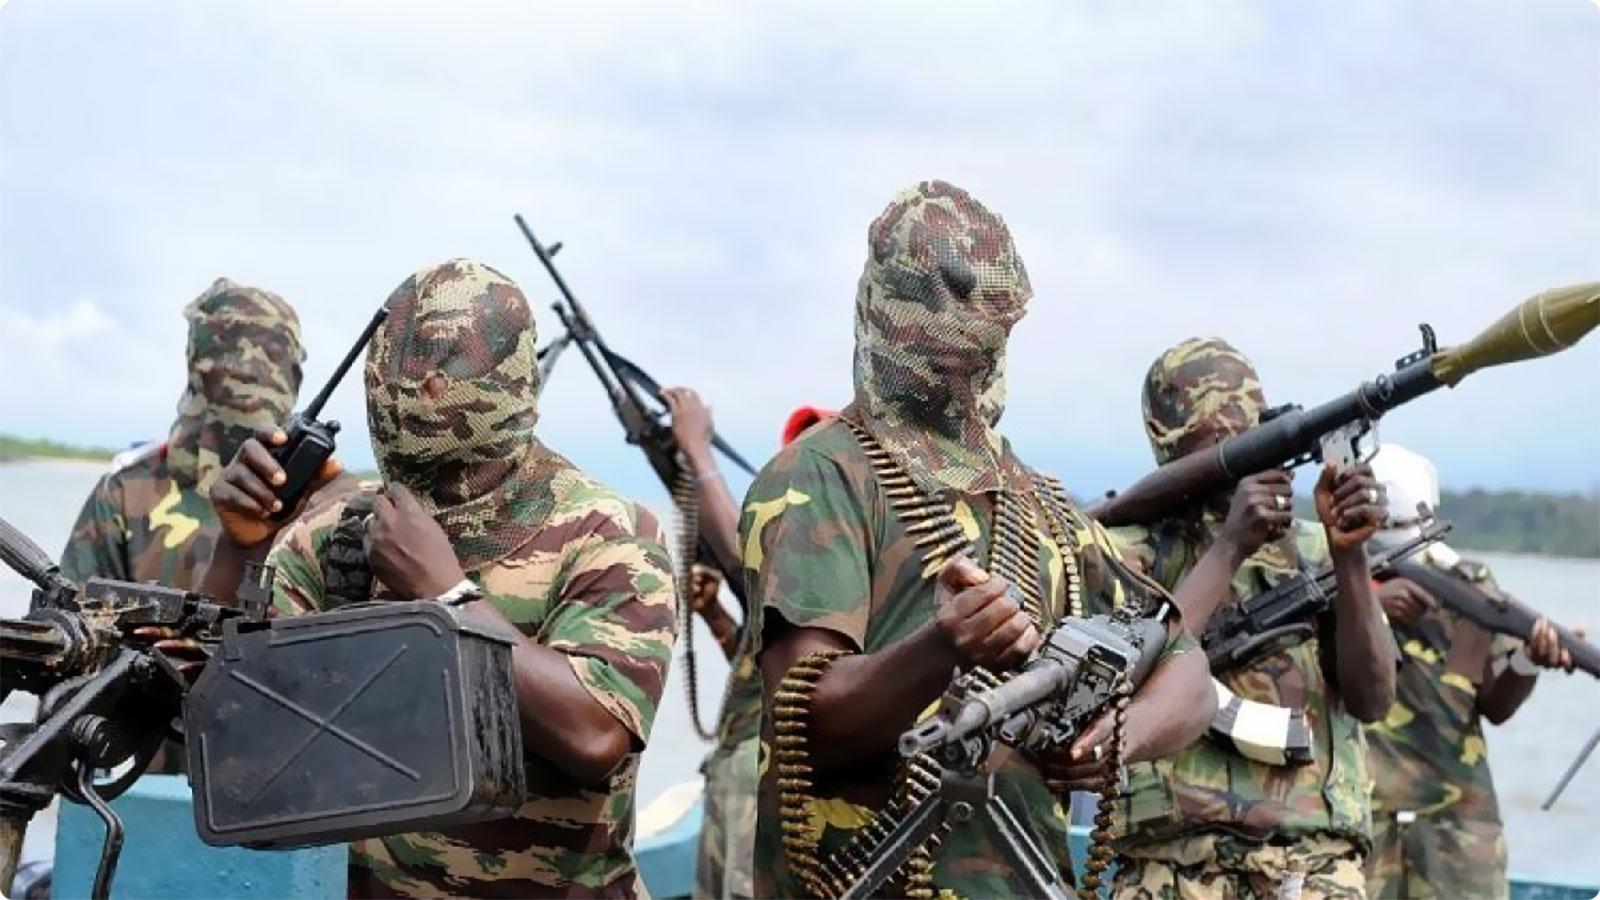 مسلحون يختطفون أكثر من  طالب ومدرس في شمال غرب نيجيريا